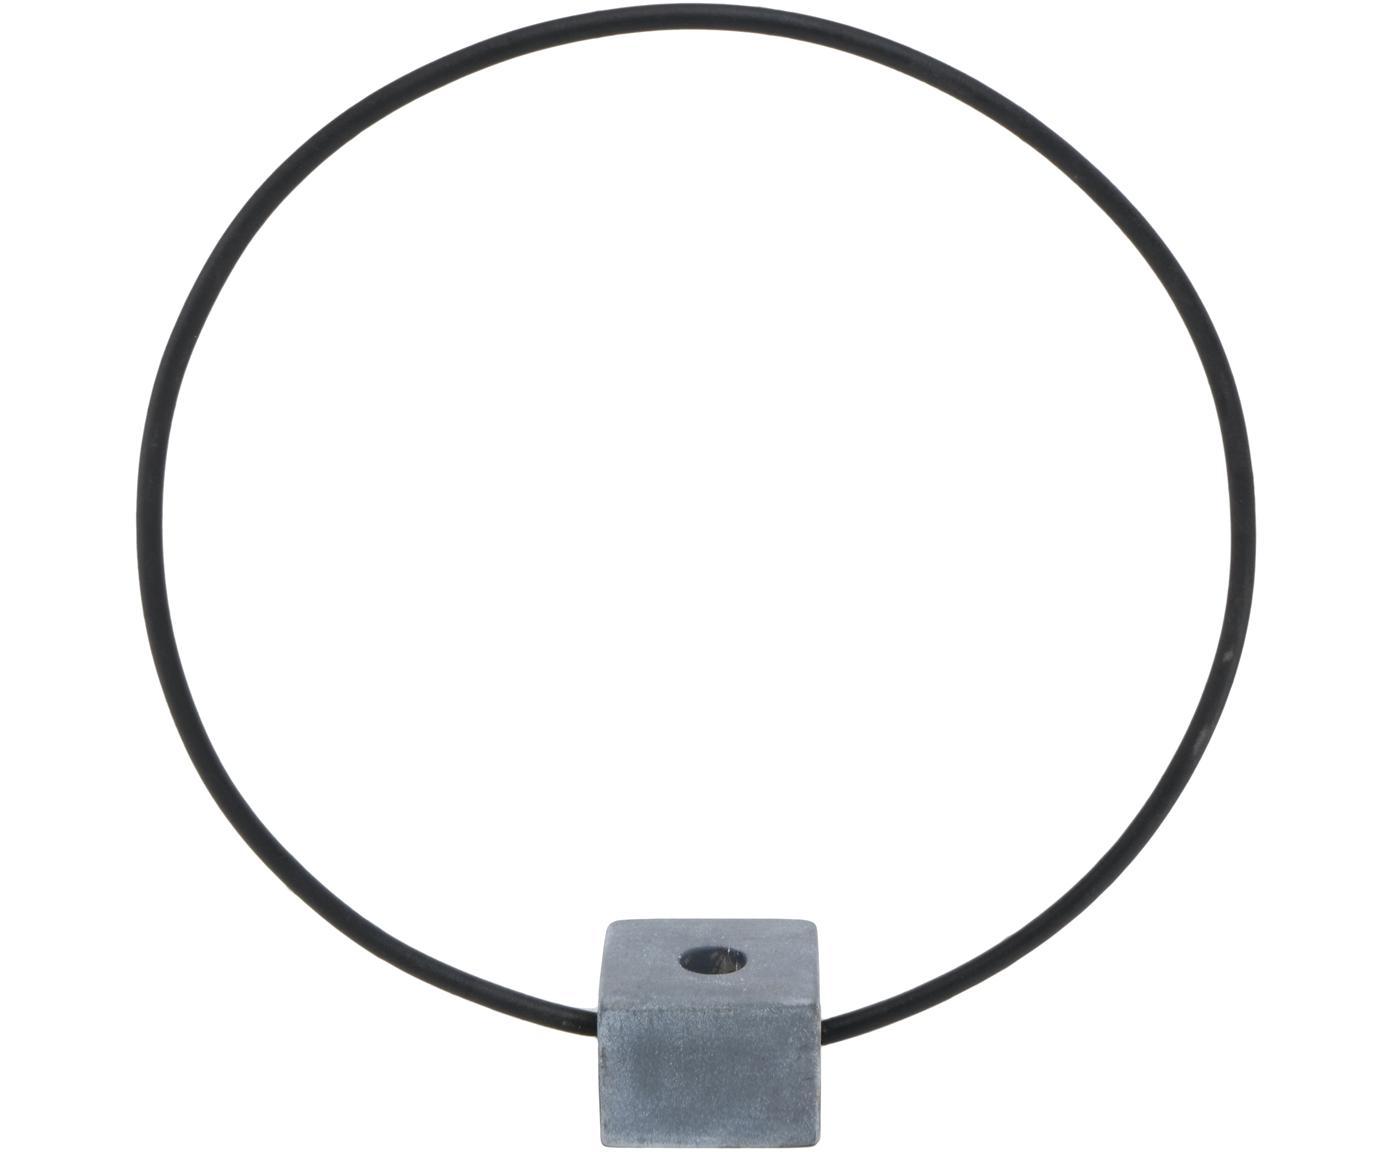 Kerzenhalter Congo, Metall, Stein, Schwarz, Grau, Ø 38 cm